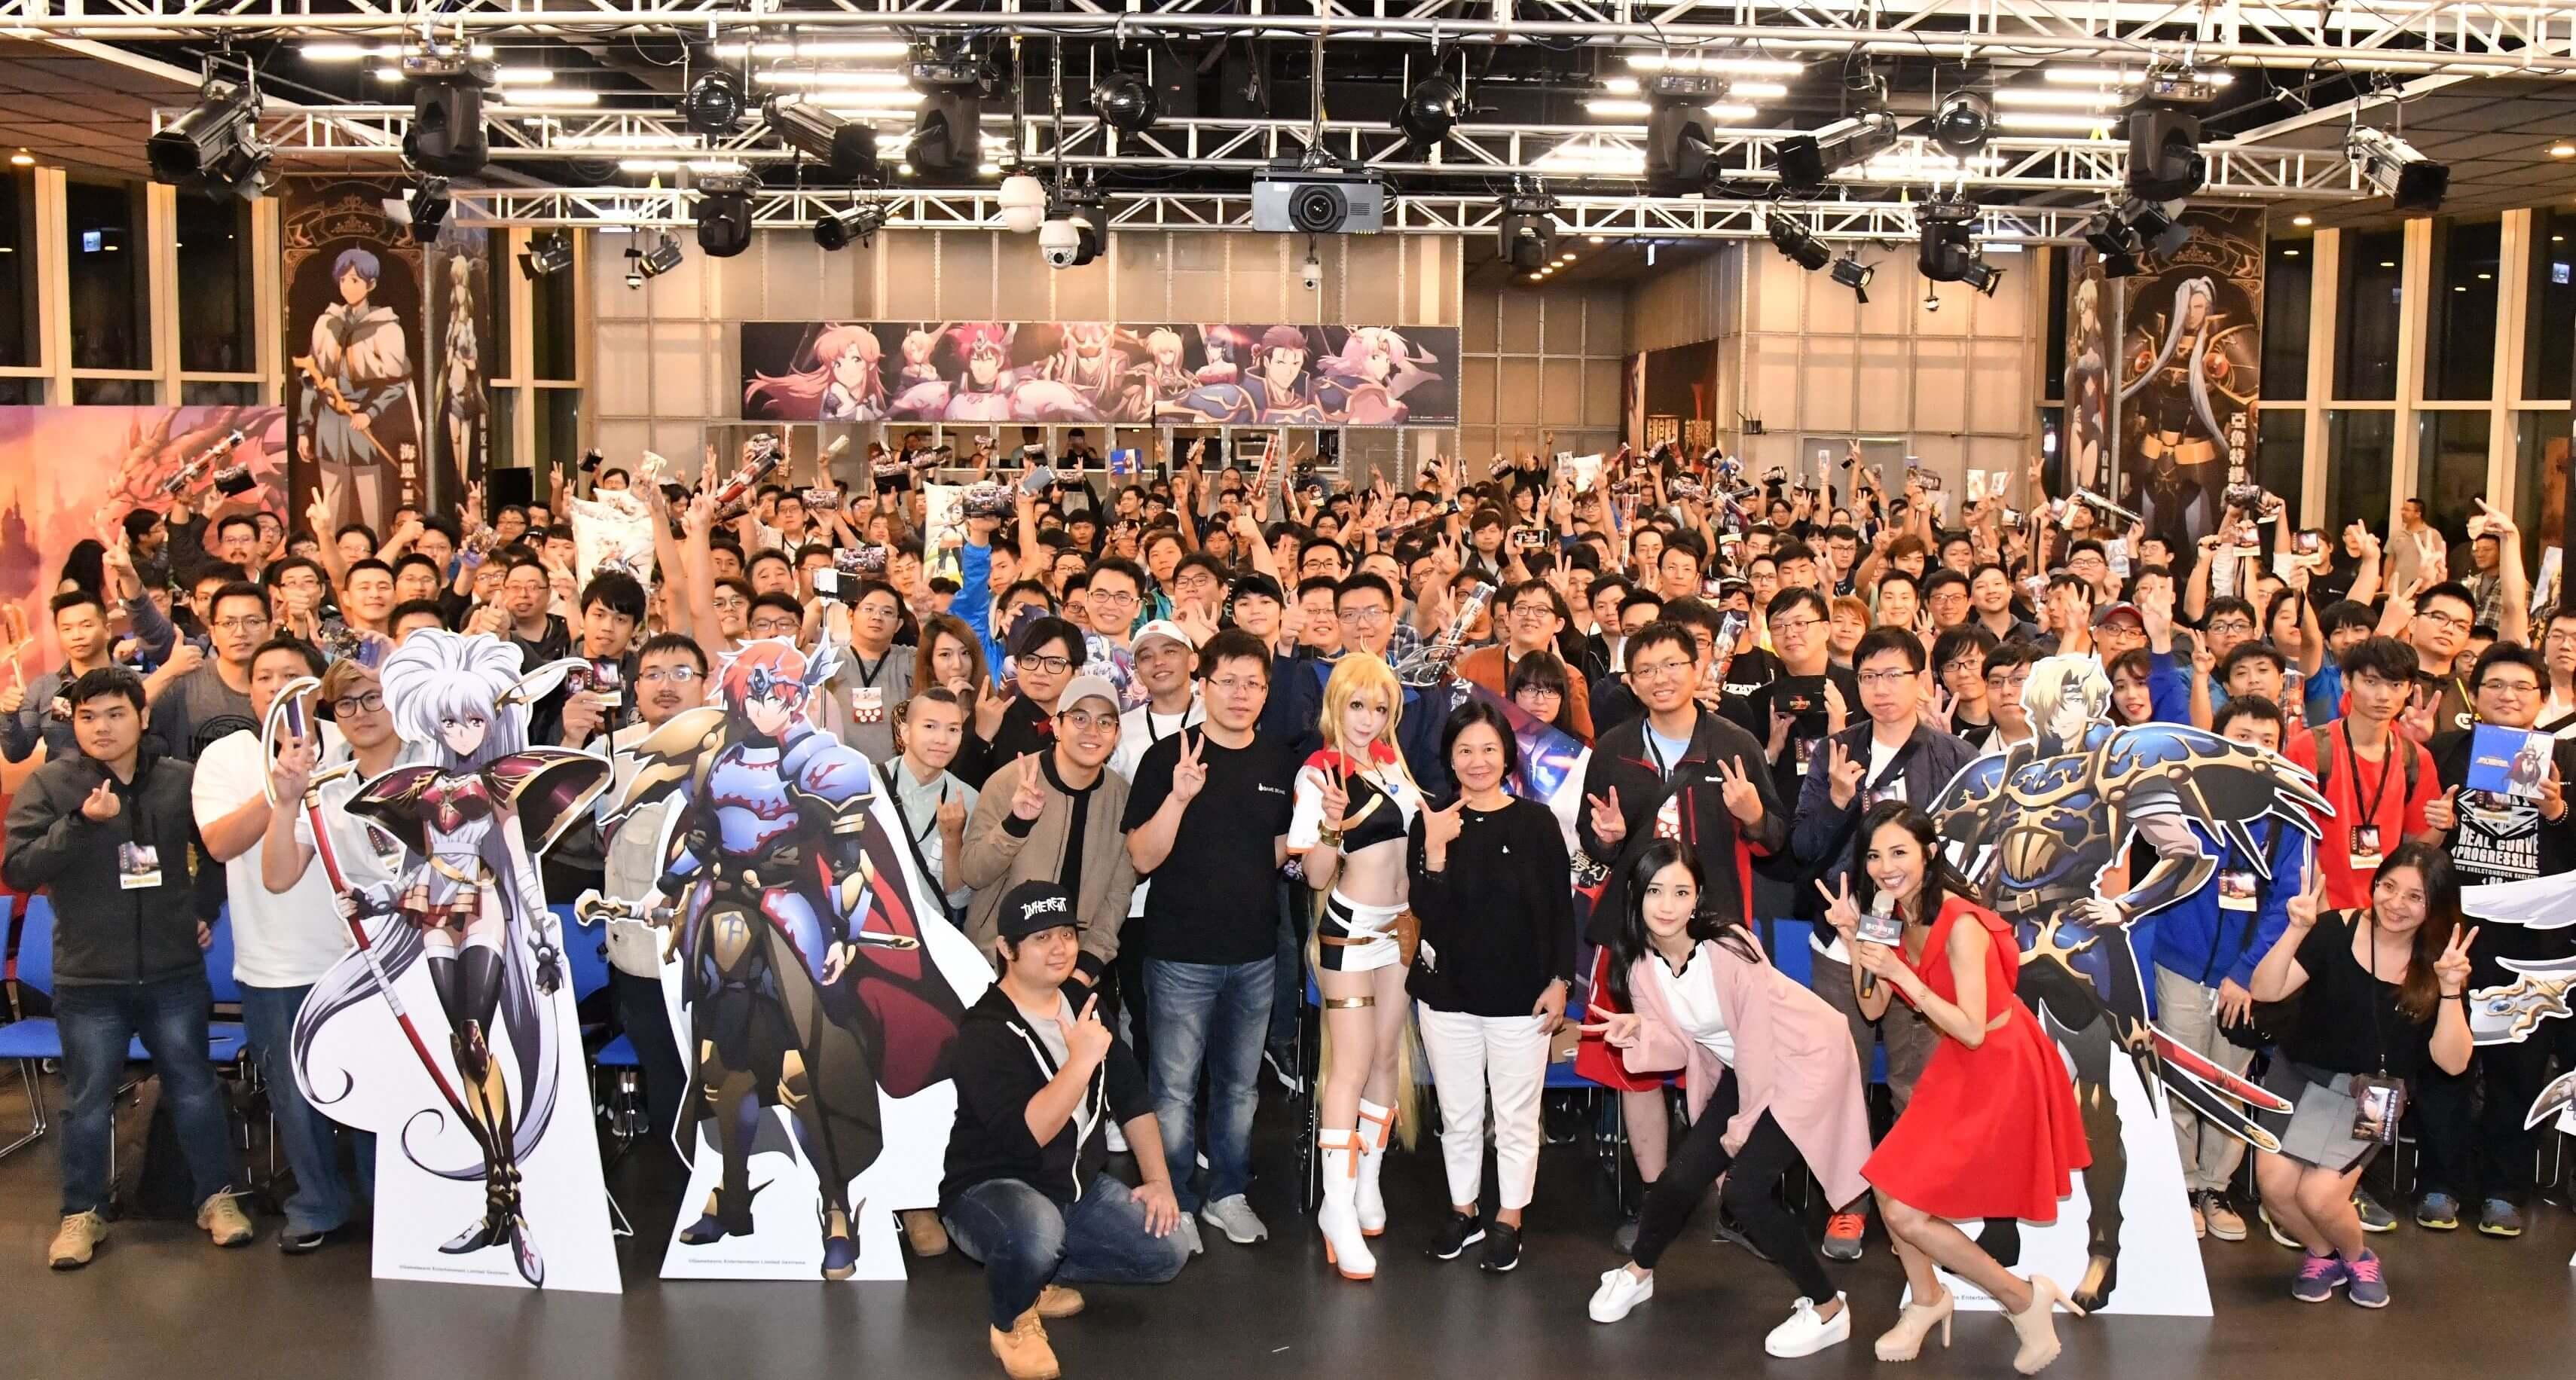 百萬會員人氣手遊《夢幻模擬戰》玩家見面會登場 虛寶週邊大放送 全新英雄「碧空雙子」即將降臨